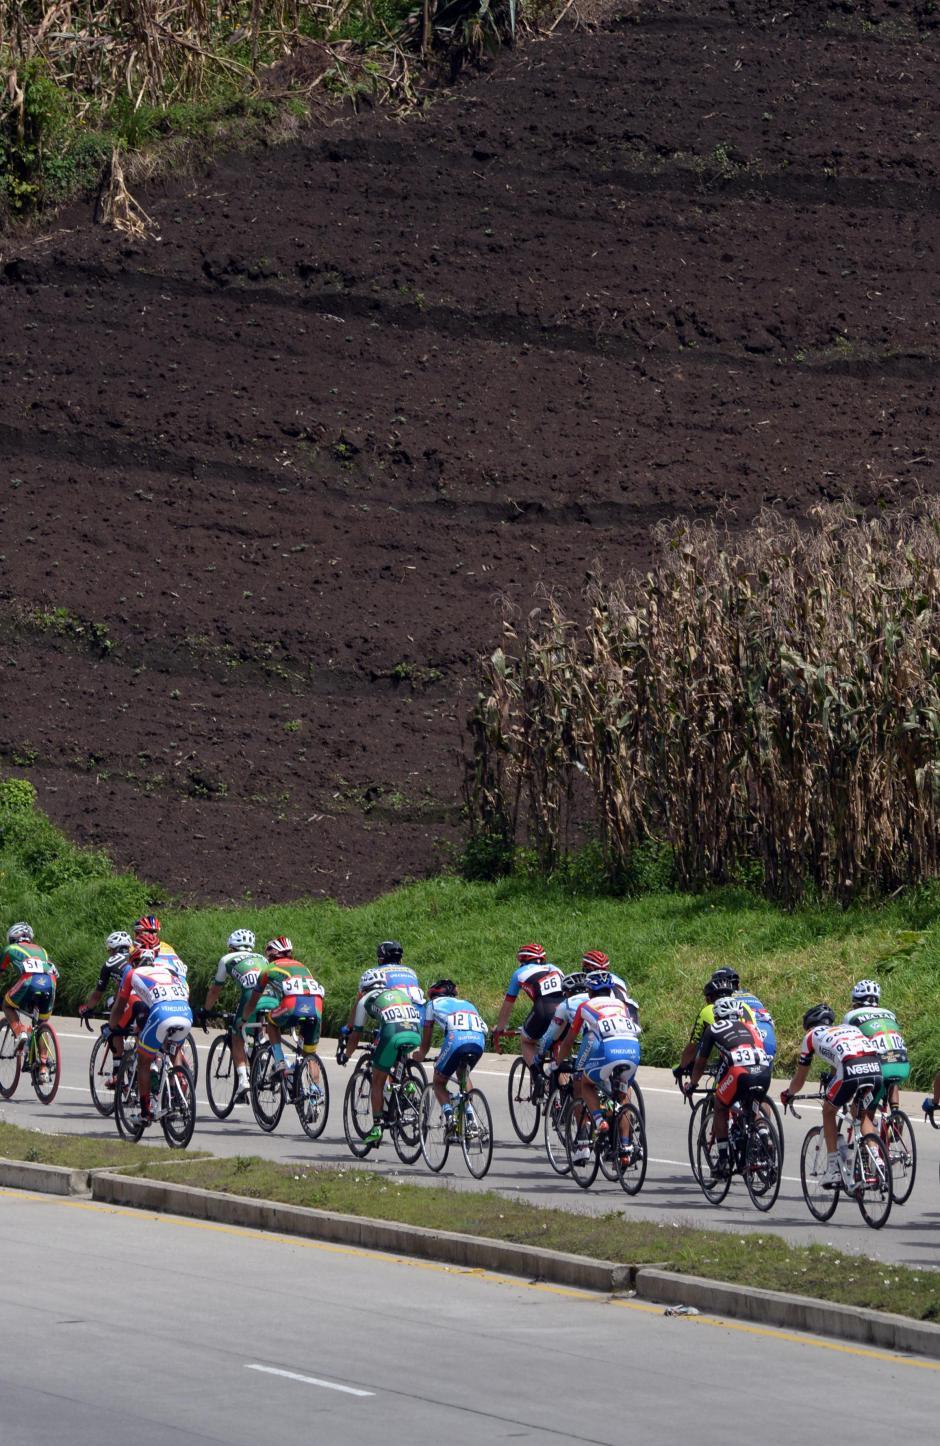 El altiplano guatemalteco fue testigo de las últimas etapas de la Vuelta a Guatemala.(Foto: Diego Galiano/Nuestro Diario)